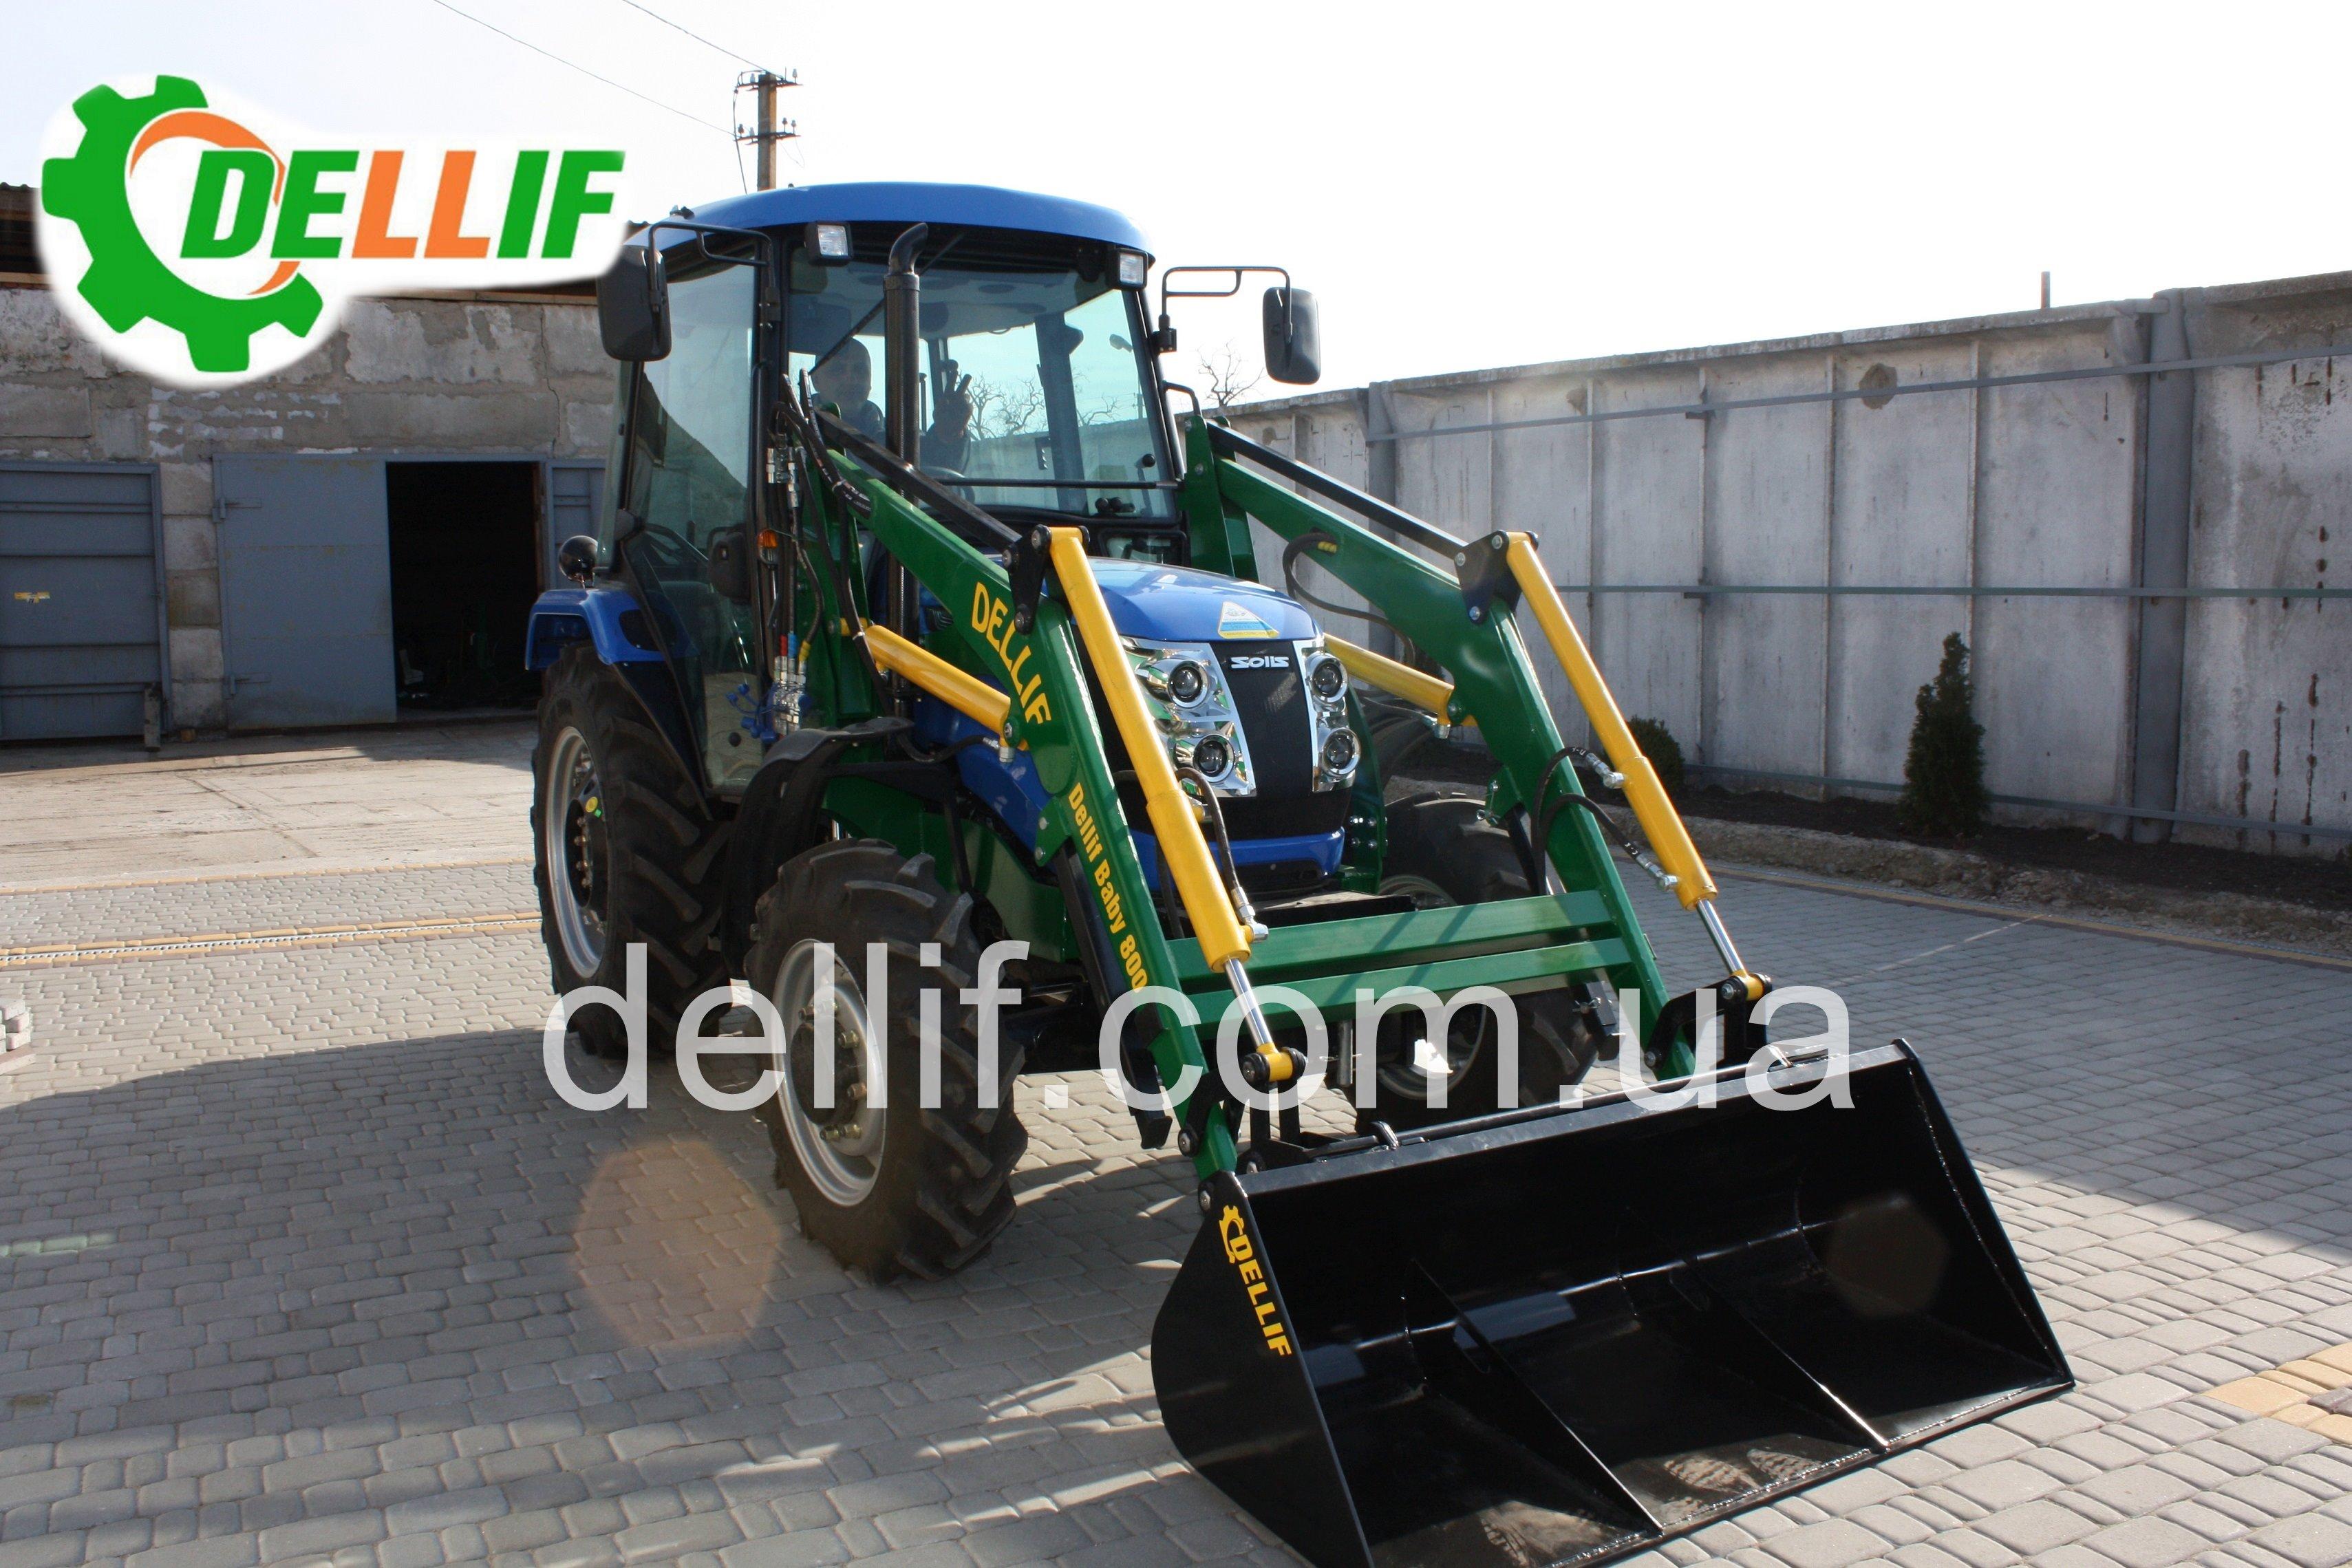 Погрузчик на мини-трактор ДТЗ 5504, Solis 50 - кун Деллиф Бейби 800